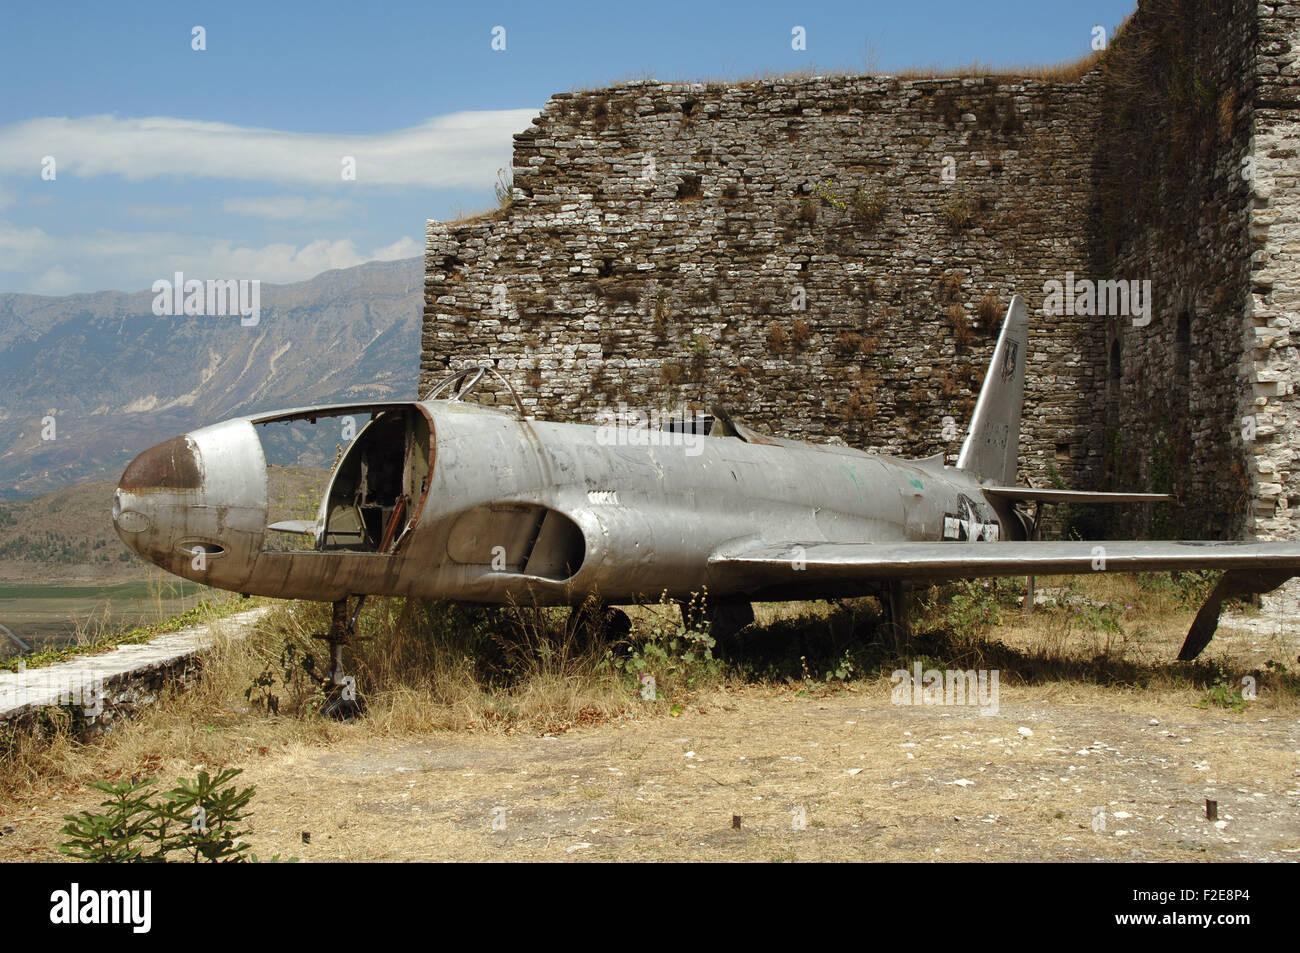 Amerikanische Luftwaffe Flugzeug landete in Albanien im Jahr 1957 während des Kalten Krieges. Gjirokaster Burg. Stockbild